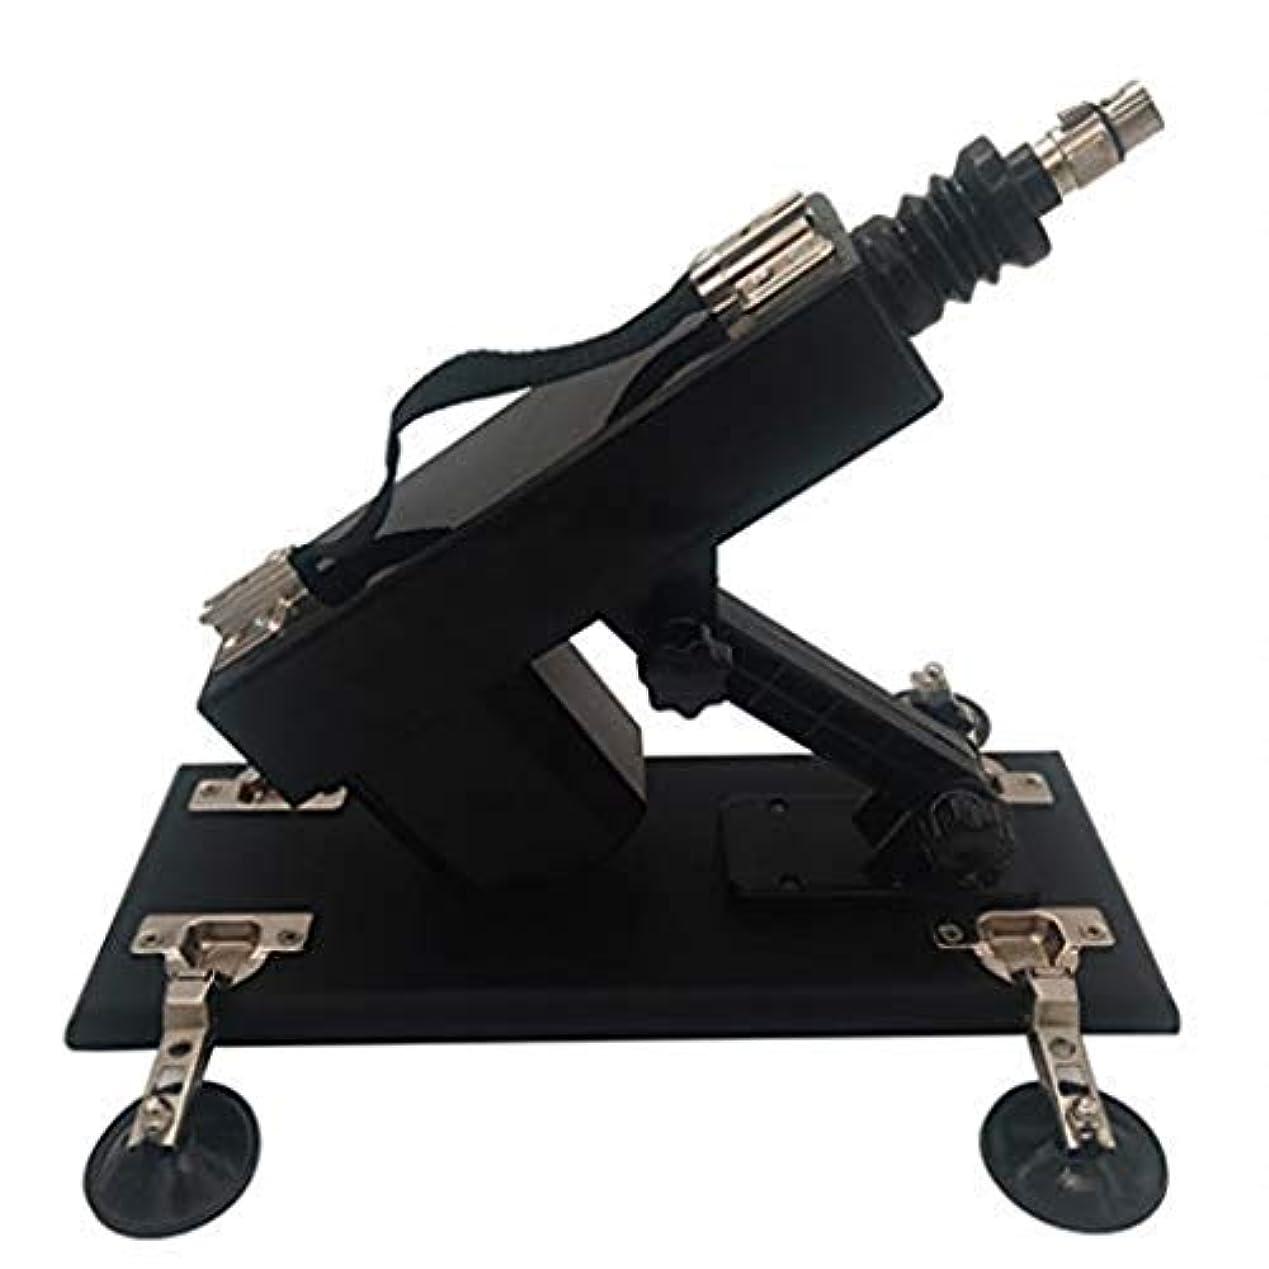 Risareyi Tシャツ伸縮式強力吸引カップ自動電動マッサージャーマルチスピードフルボディマッサージデバイス調節可能な大人のマシンの喜びのおもちゃ